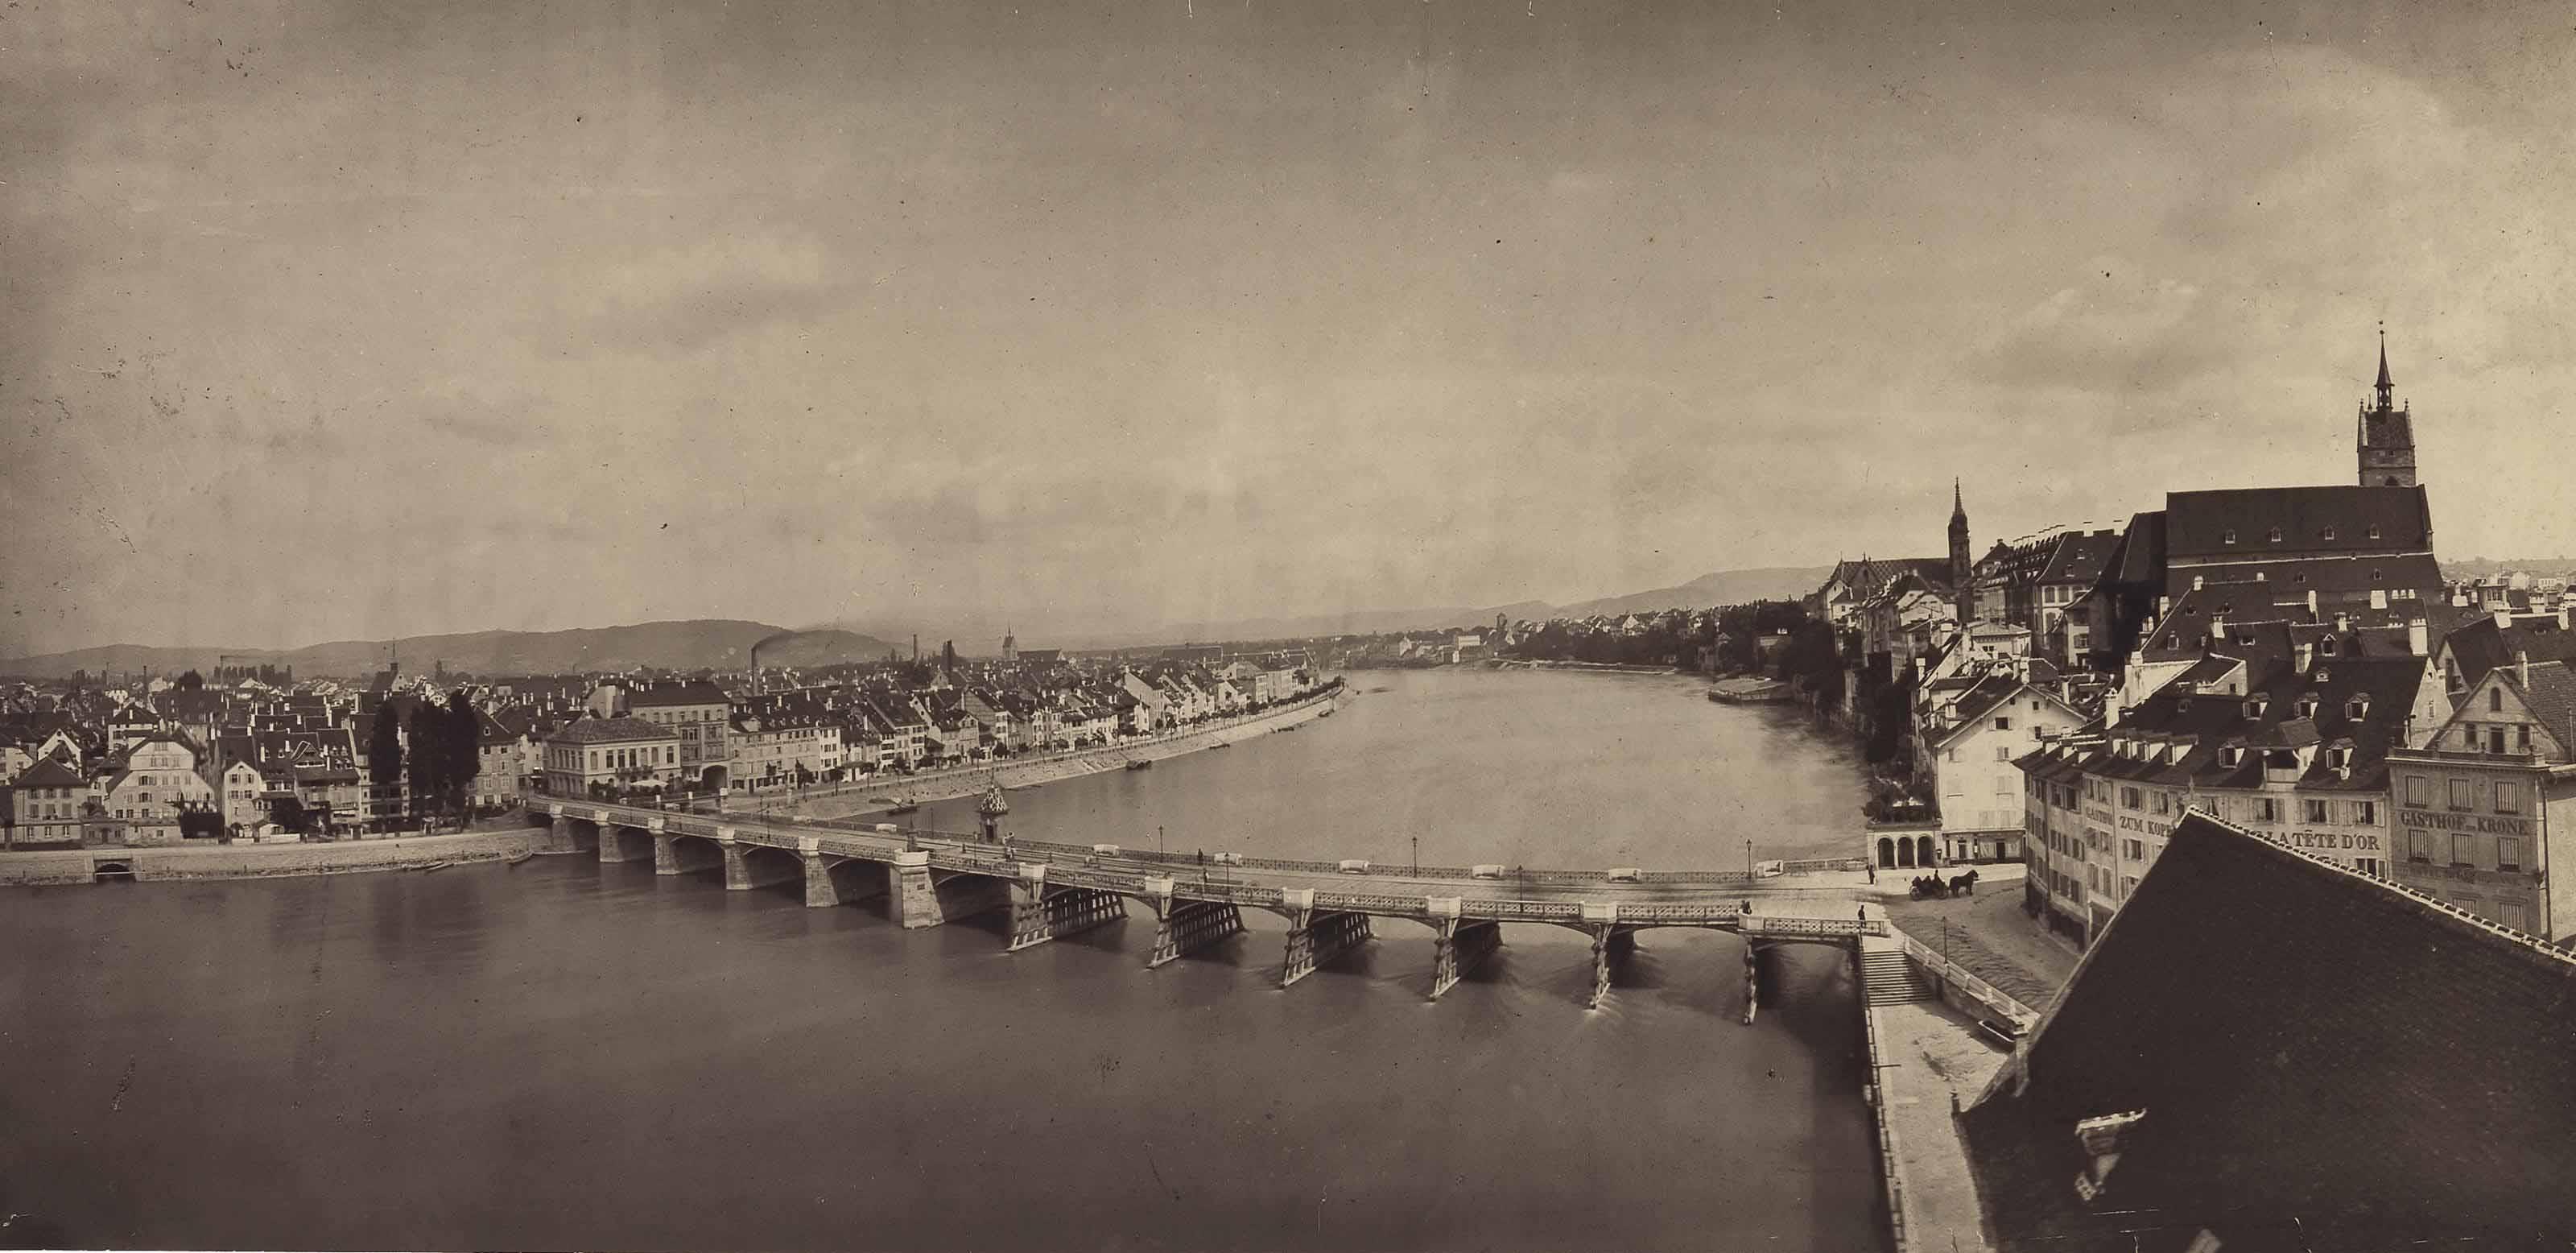 Basel, View from the Hôtel des Trois Rois, c. 1870